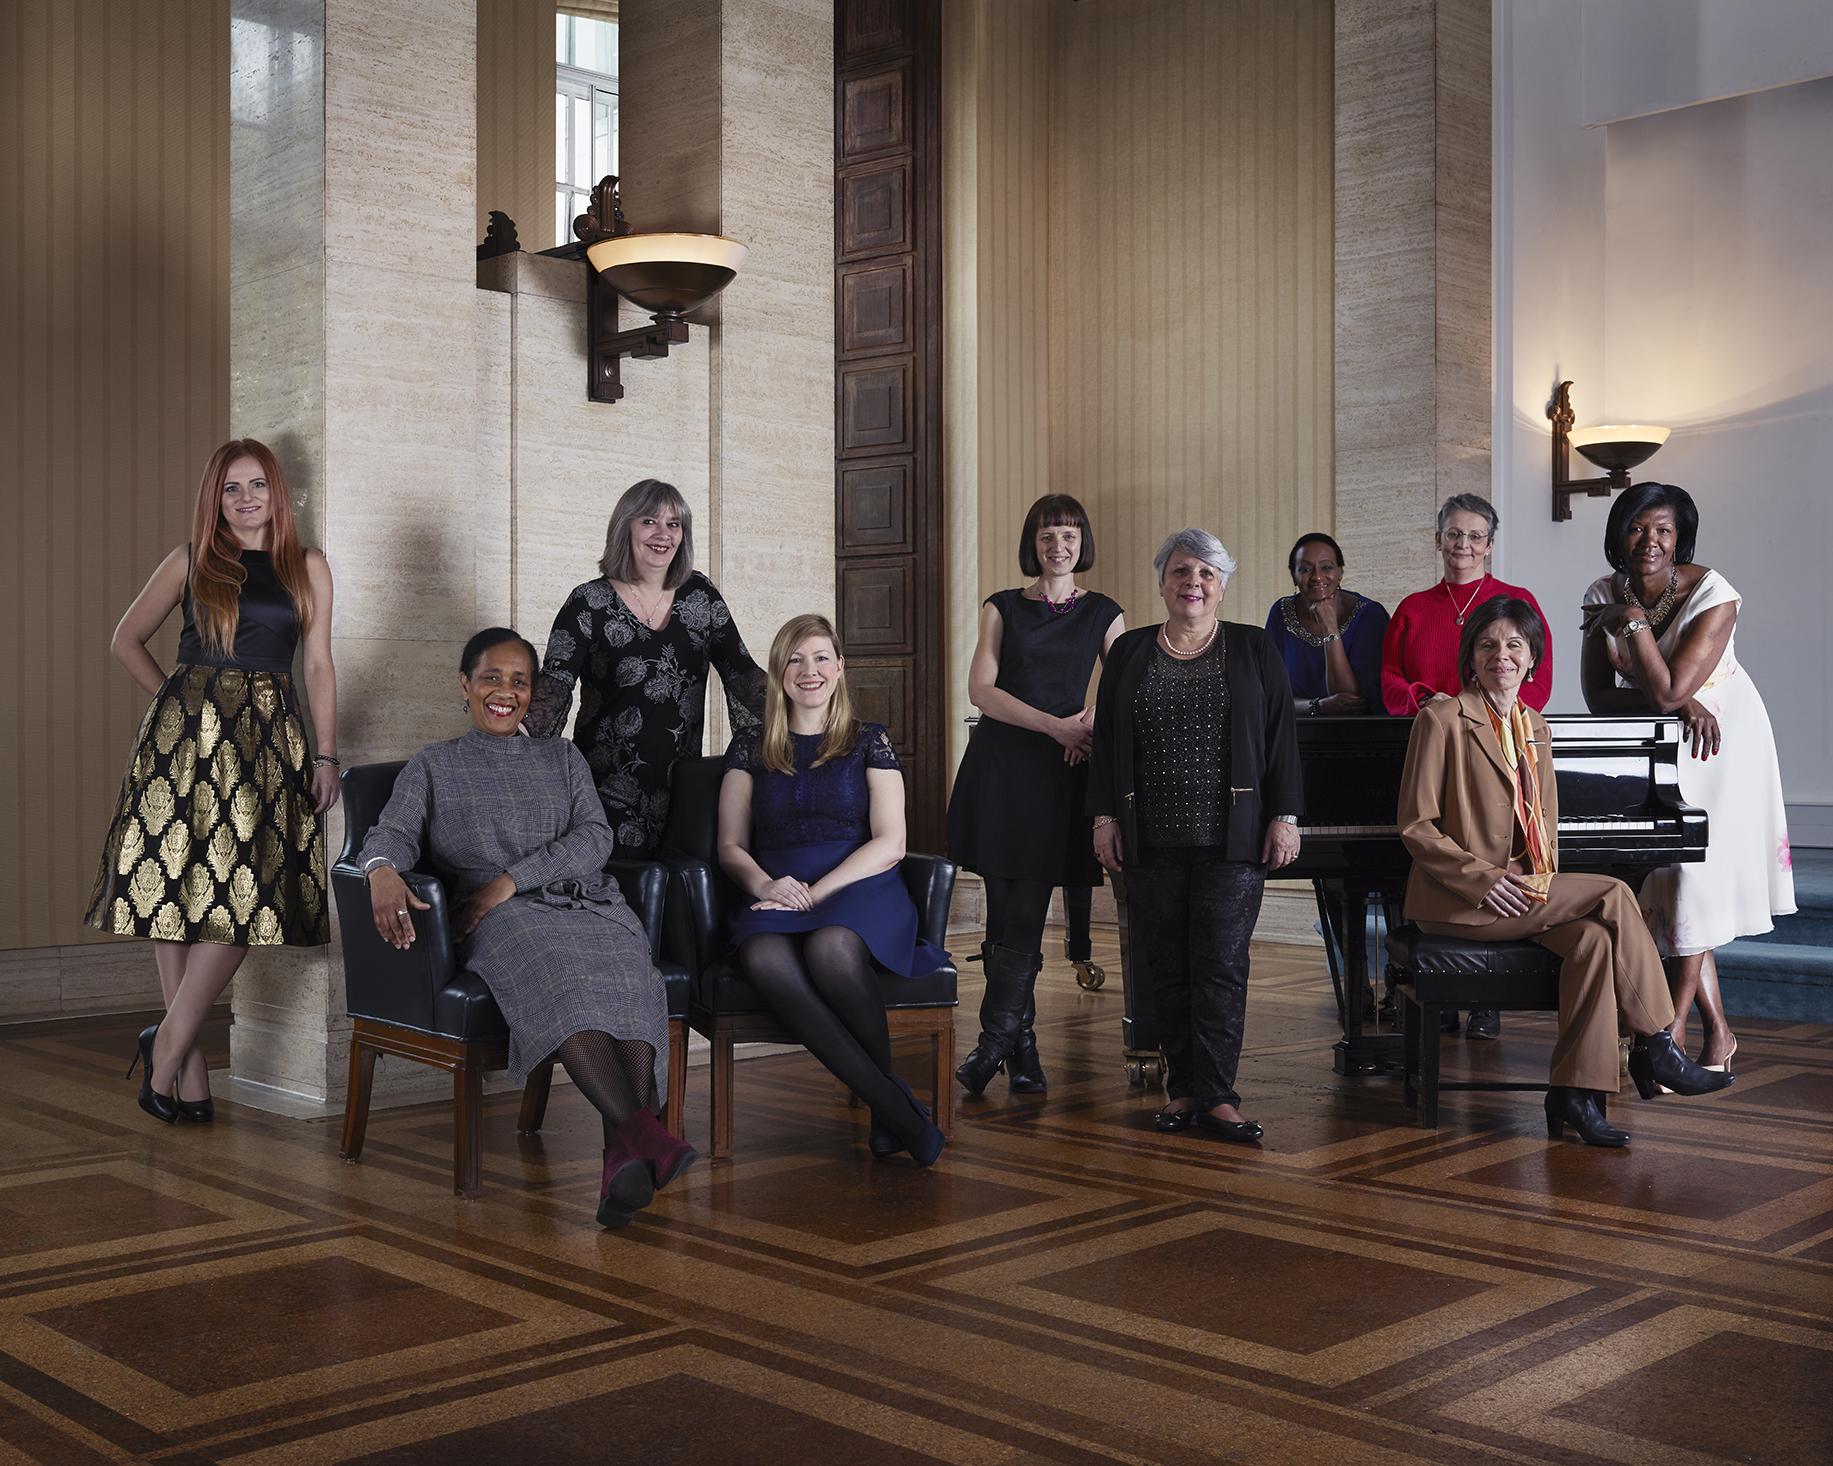 University of London WOMEN OF SENATE HOUSE_Group.jpg